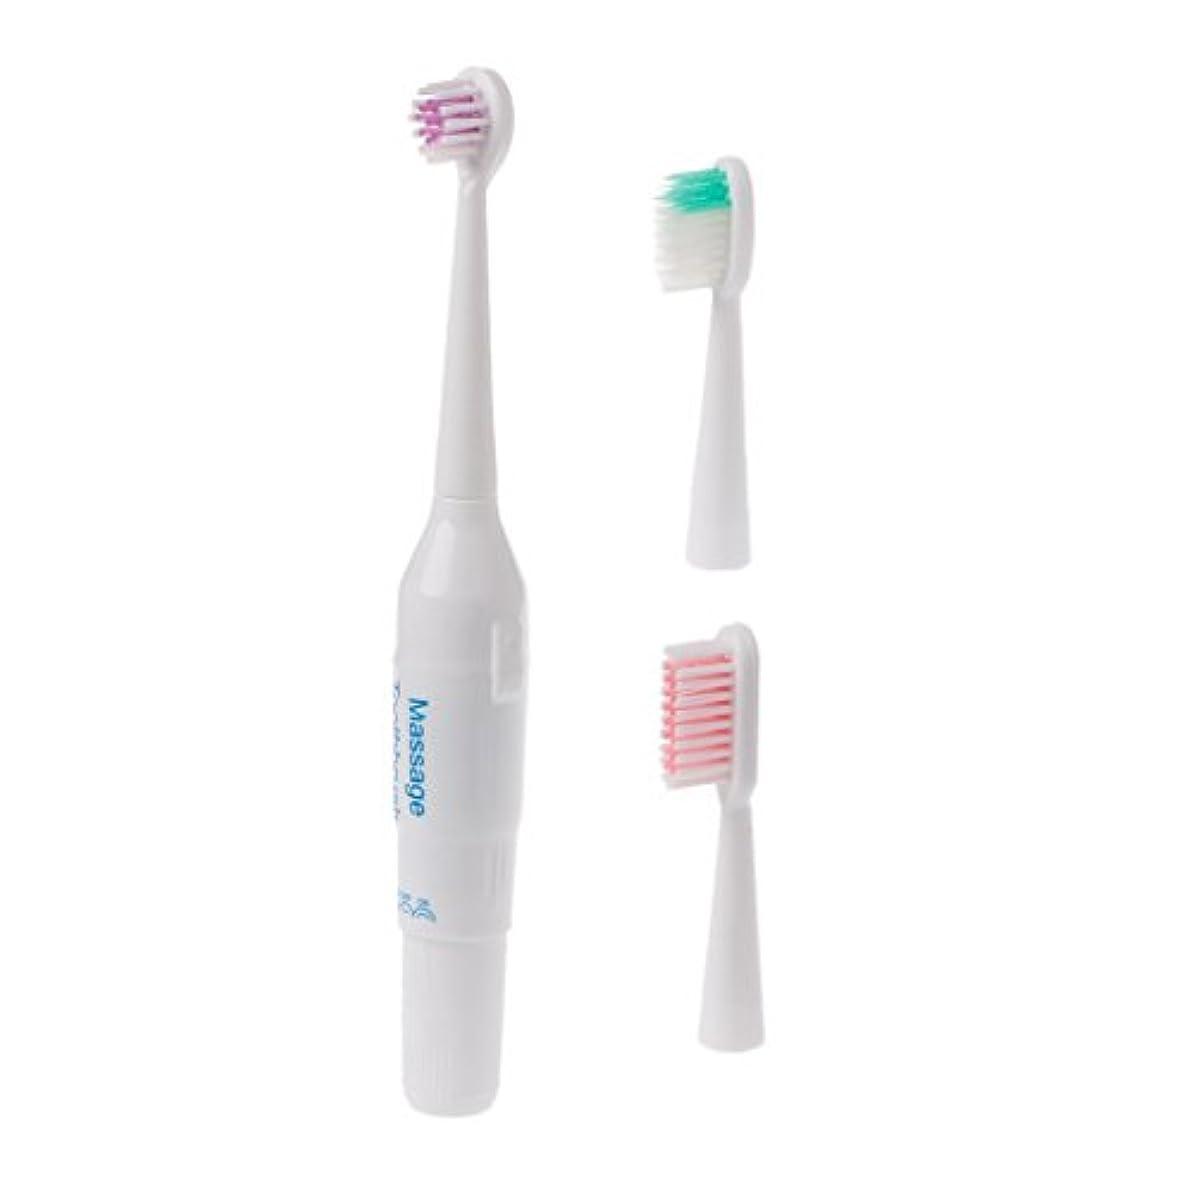 トラックマエストロバンジージャンプManyao キッズプロフェッショナル口腔ケアクリーン電気歯ブラシパワーベビー用歯ブラシ